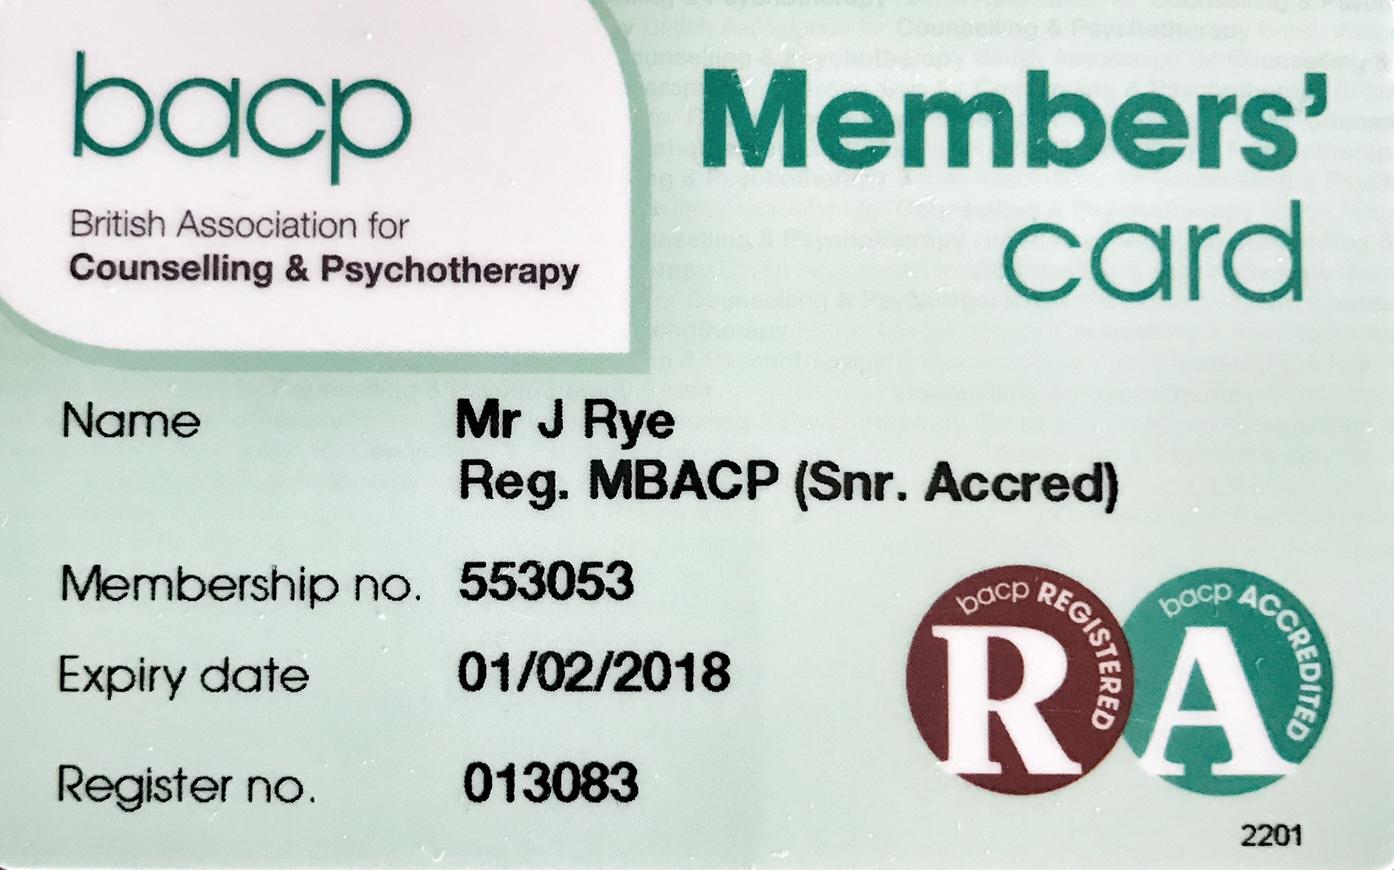 BACP membership card